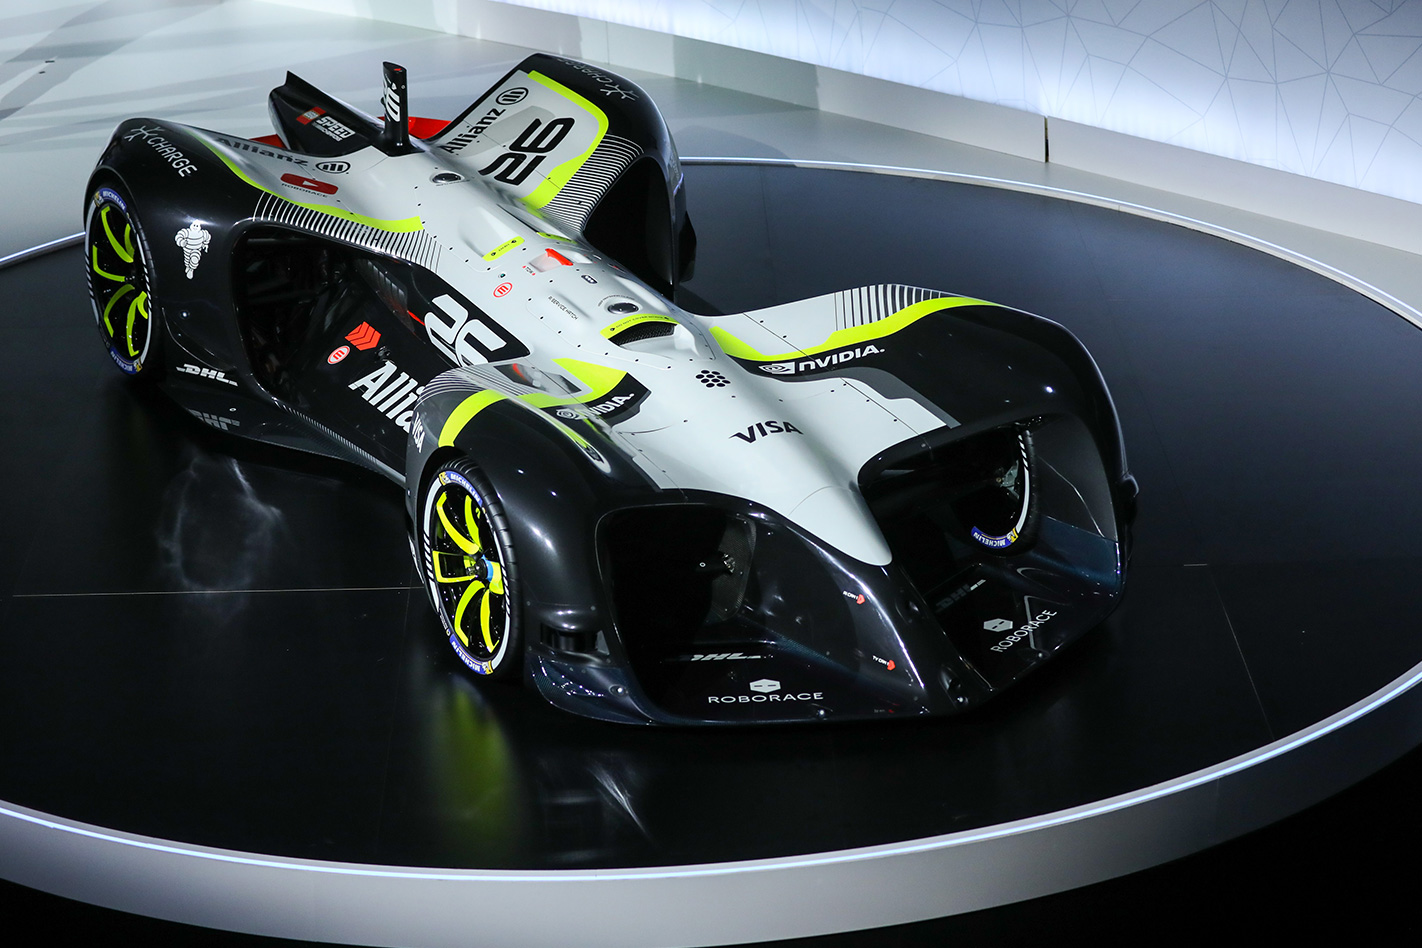 robo-race-car.jpg